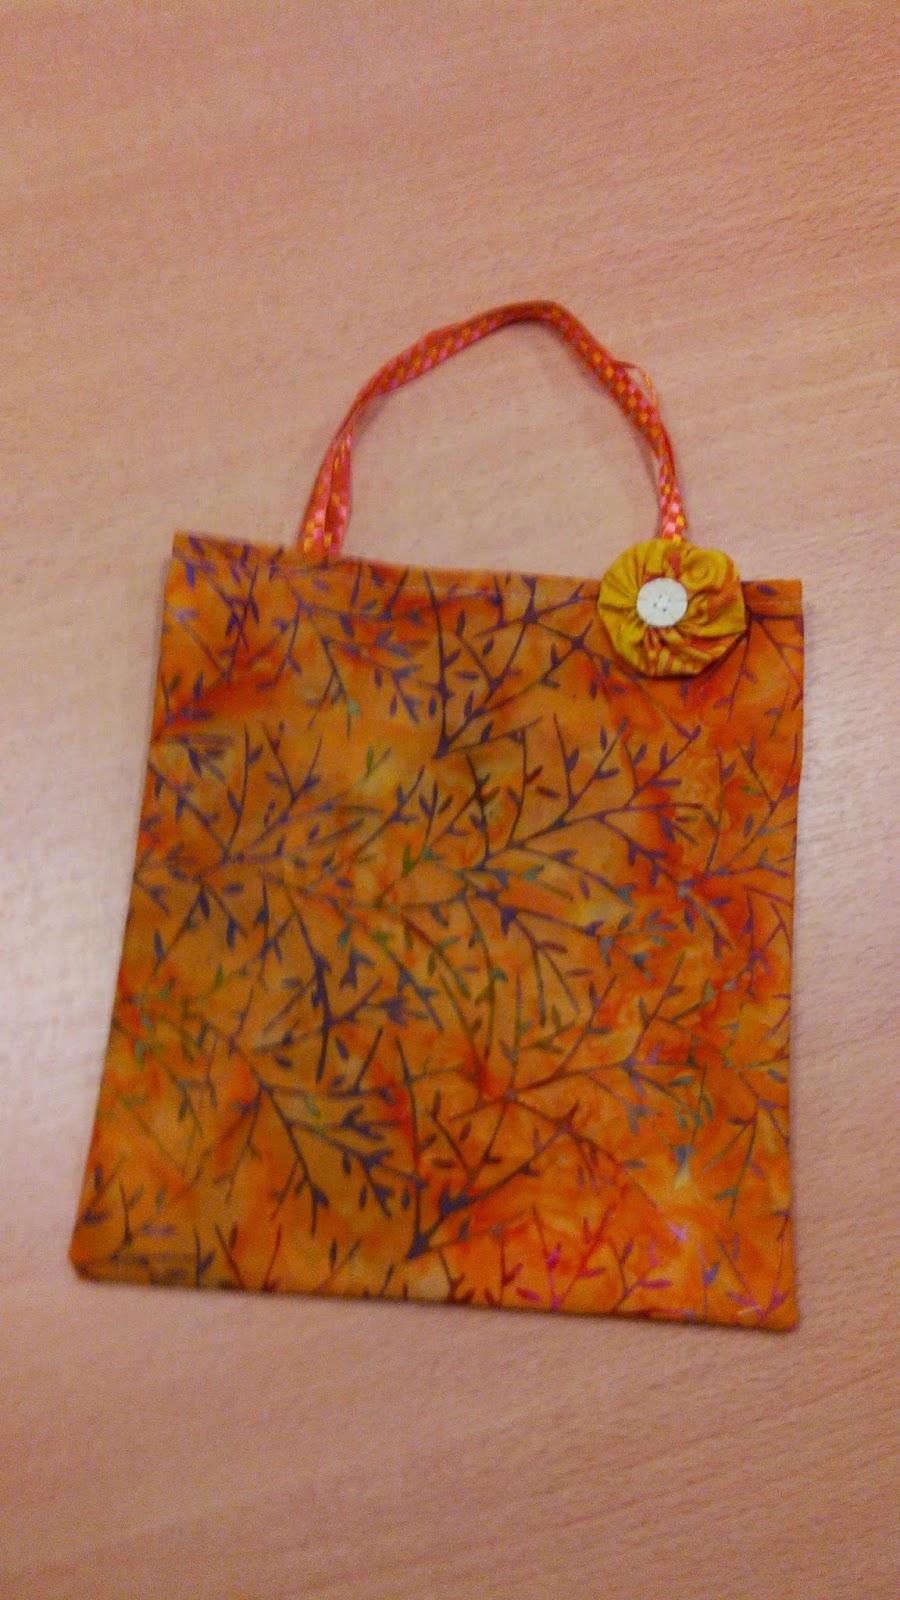 Couture tote bag personnalisé et réalisé en atelier